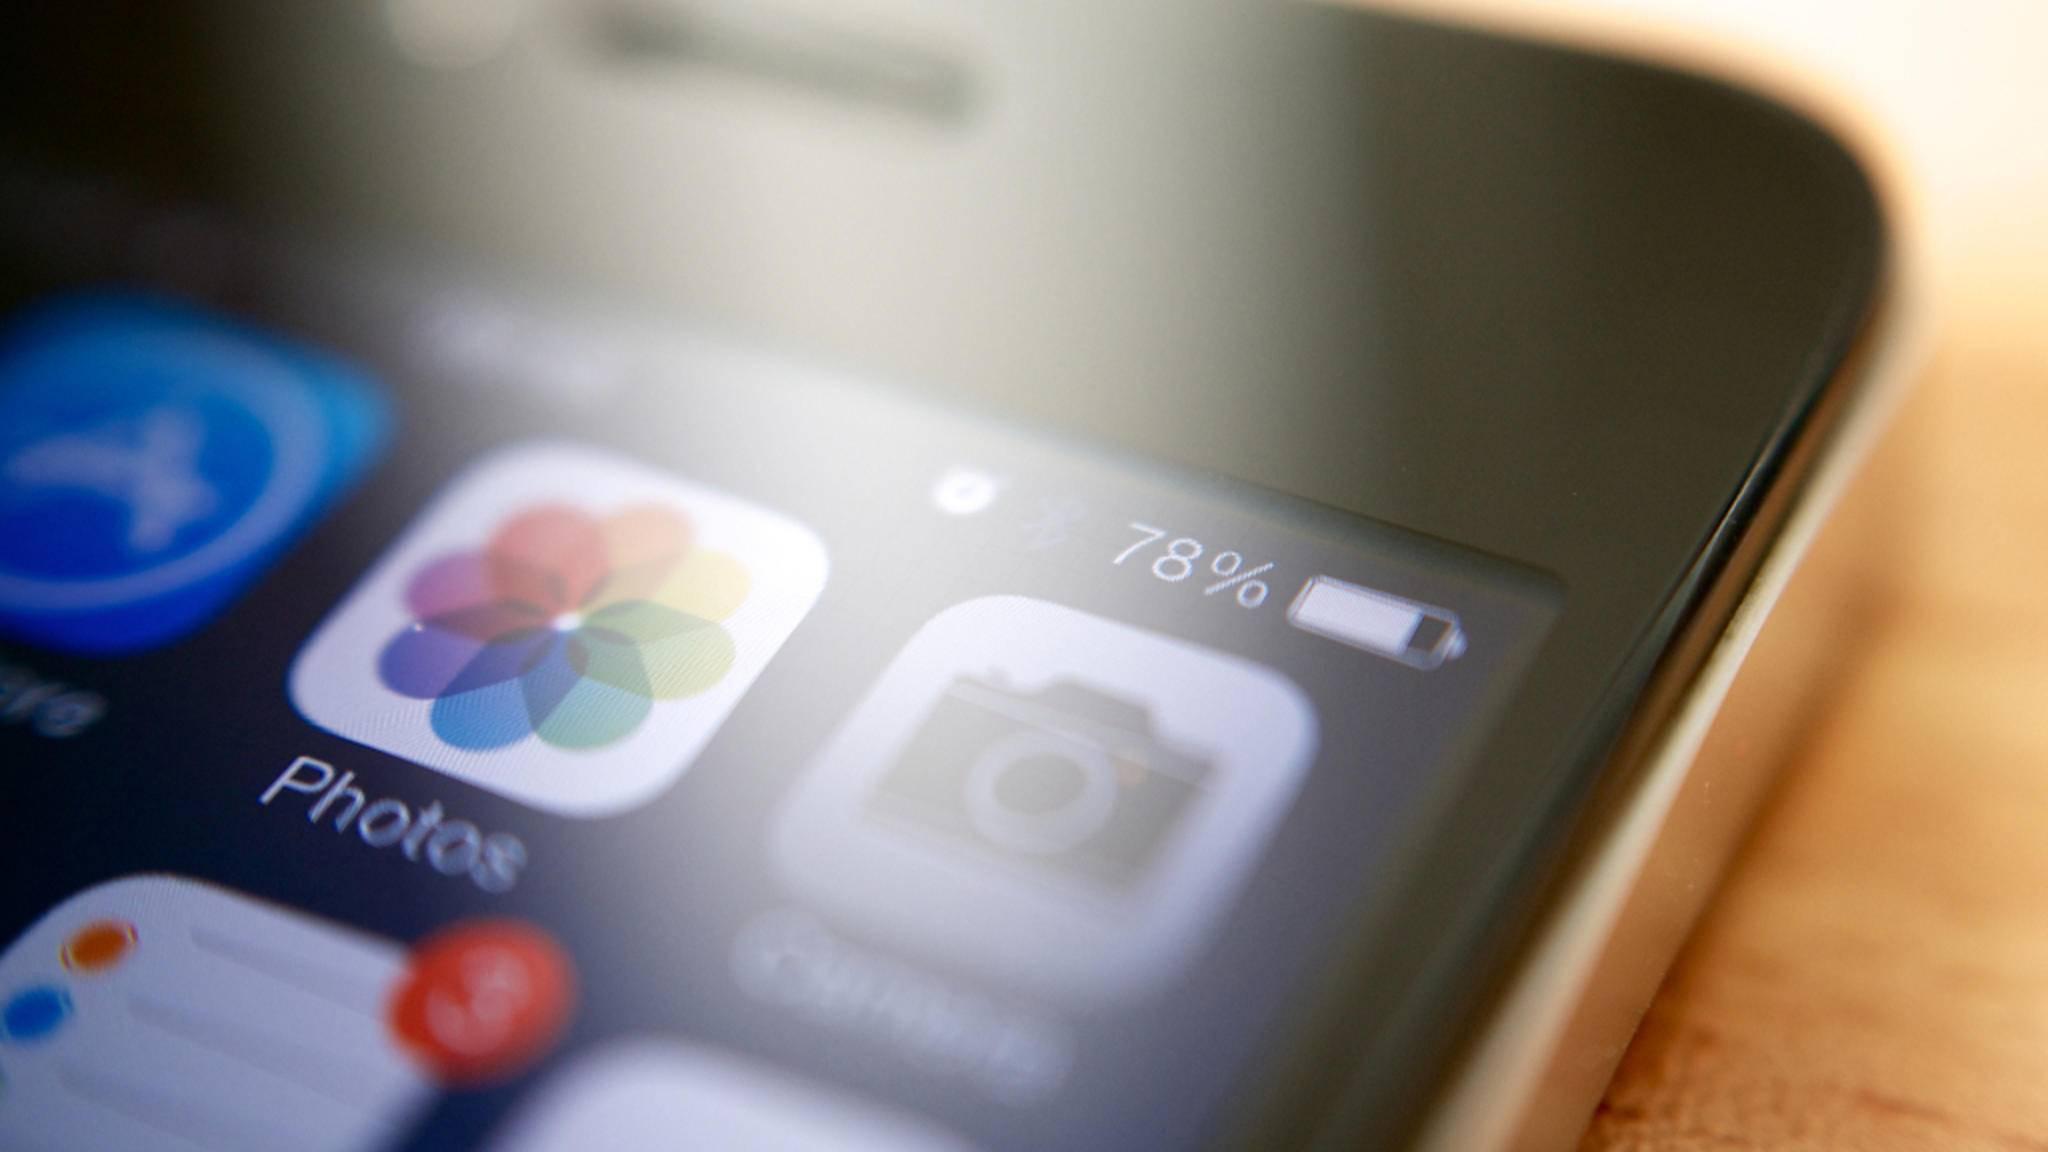 Ob Du den Akku des iPhones tauschen willst, hängt auch von Deinem persönlichen Nutzungsverhalten ab.